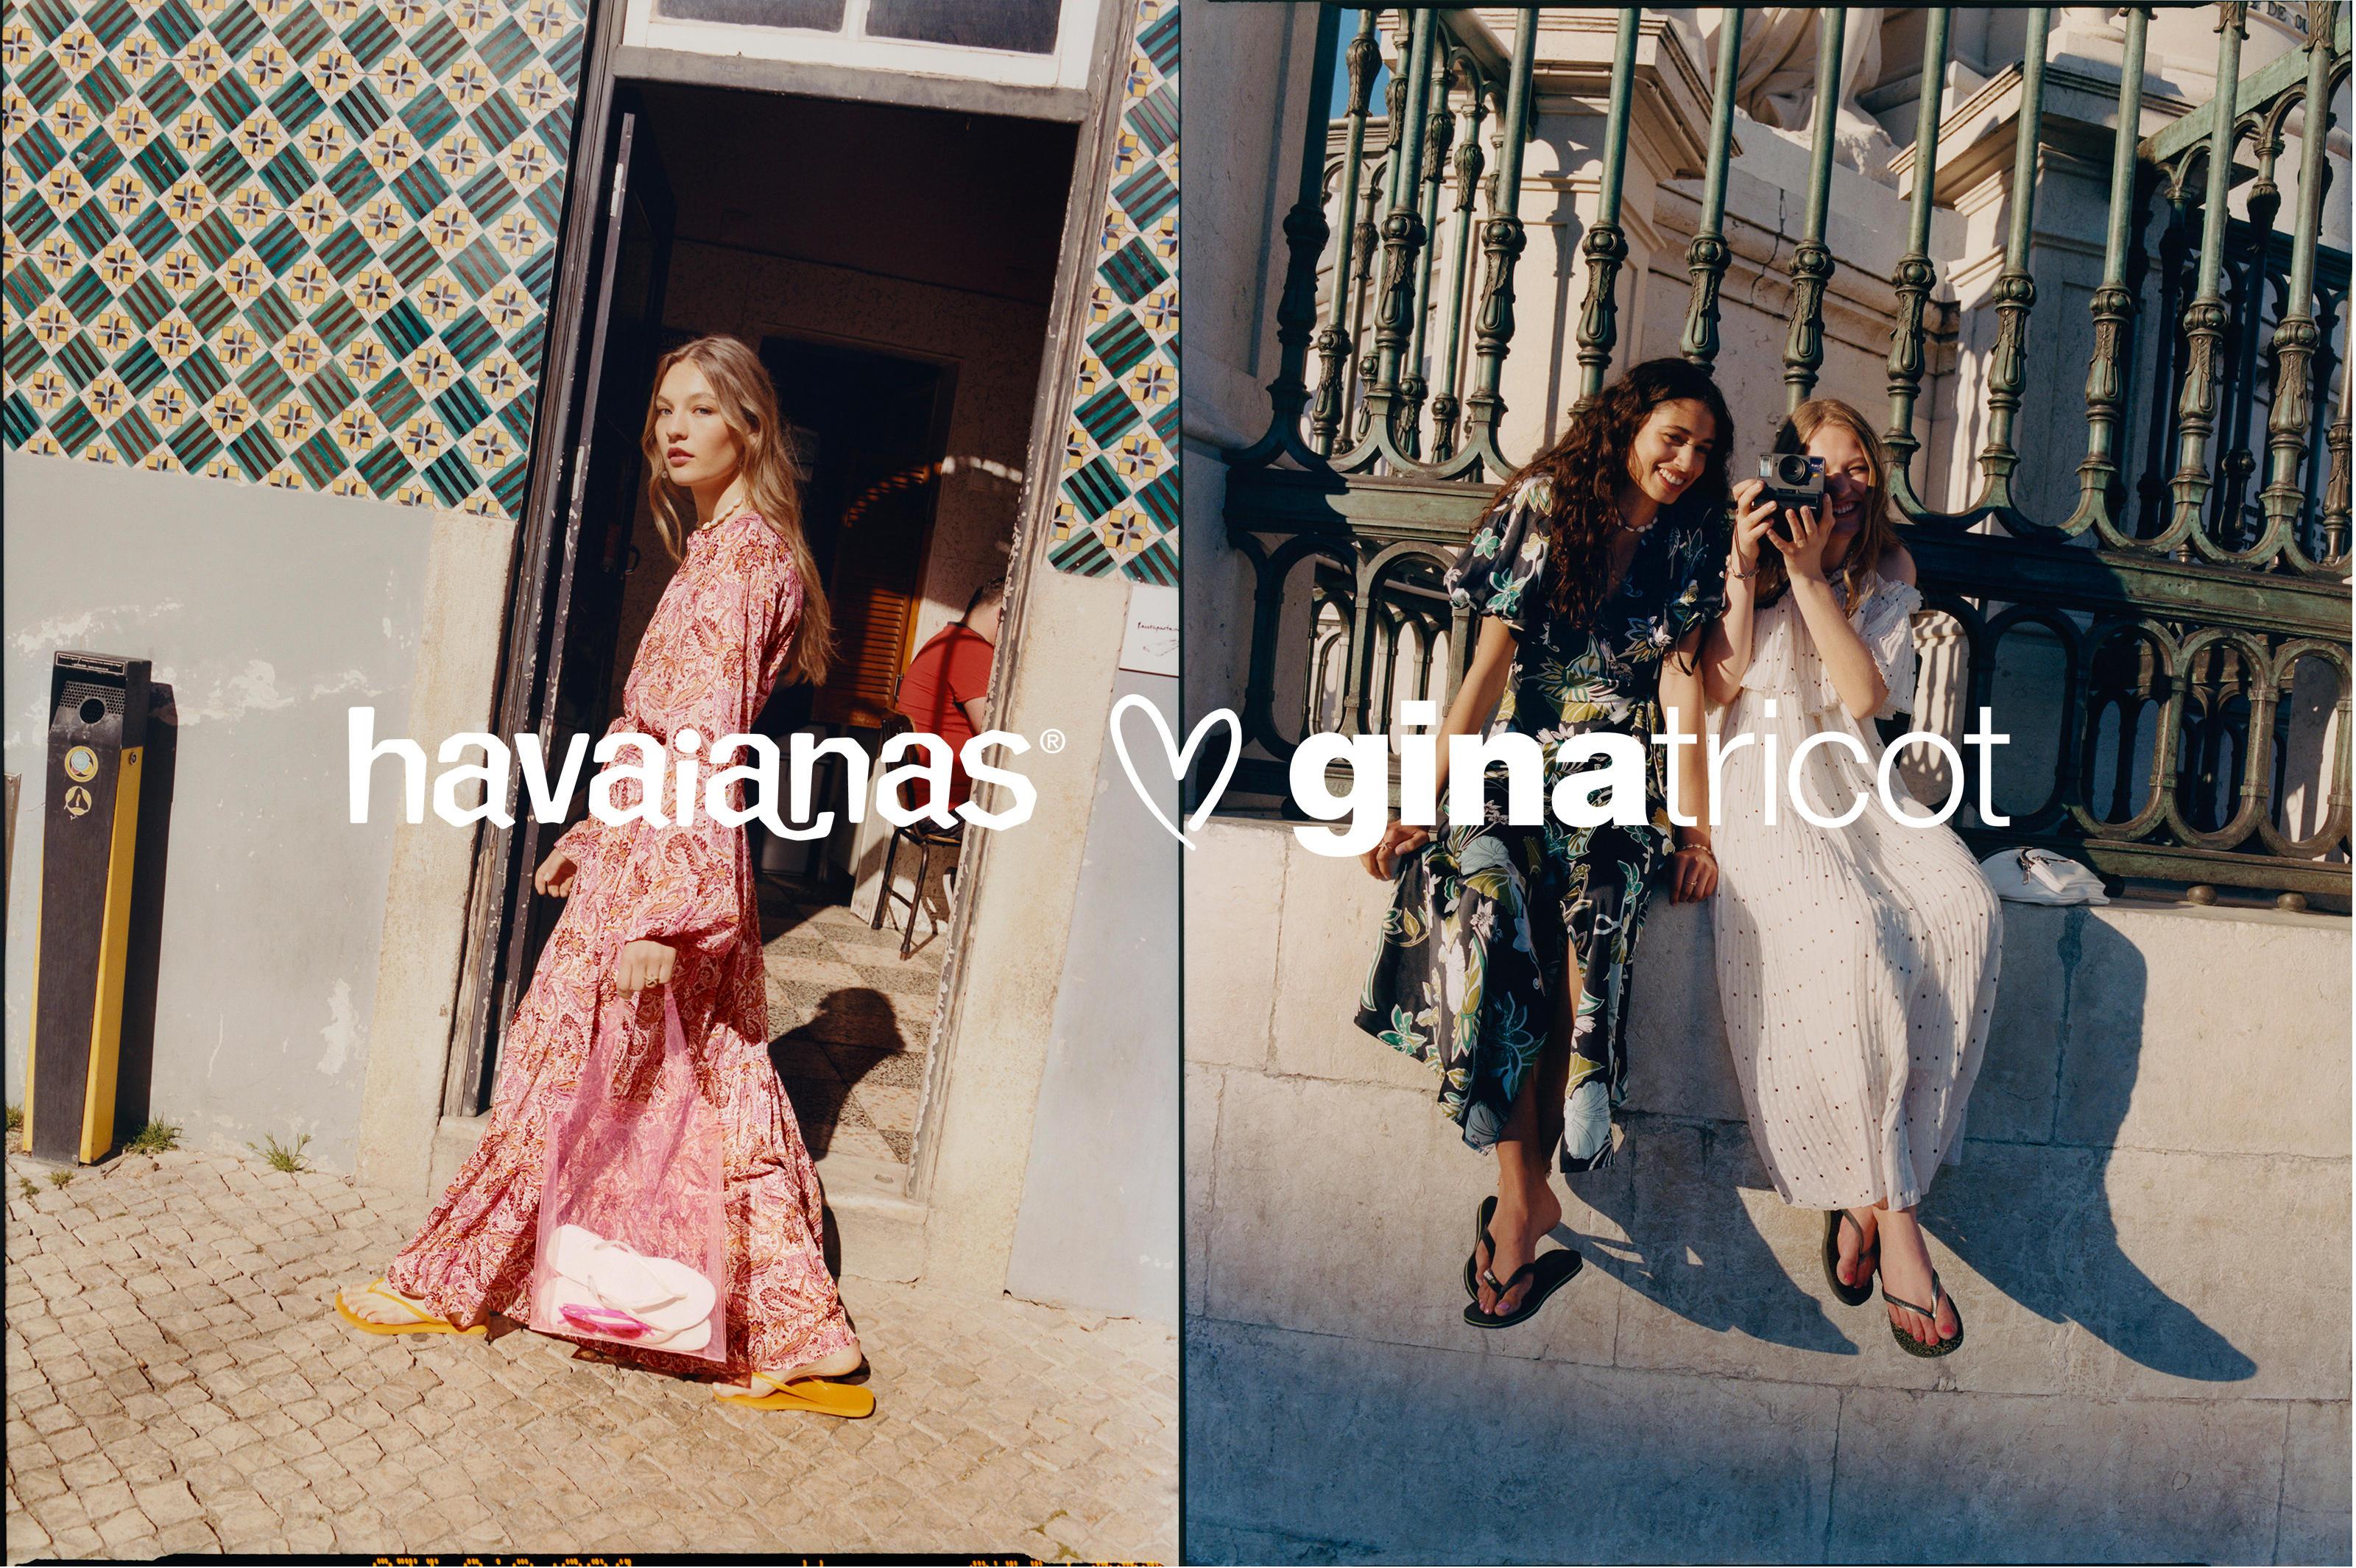 gina tricot girl gang